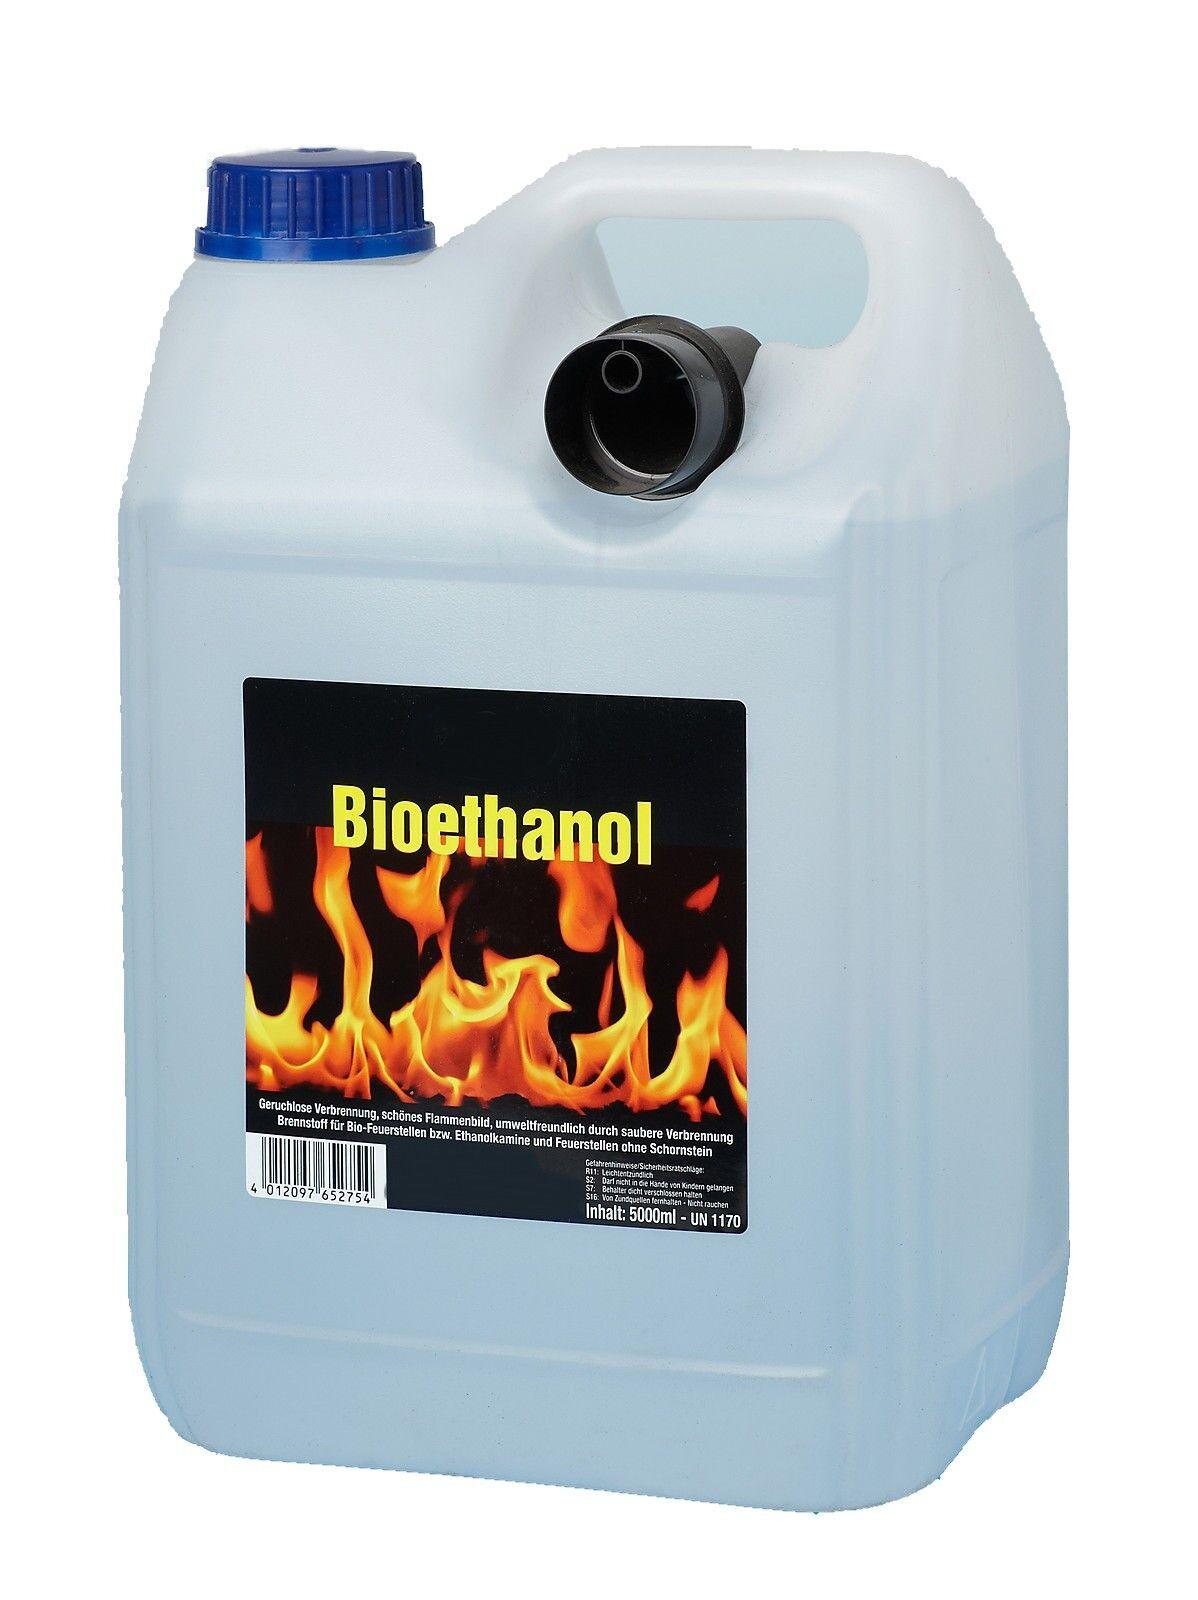 bioethanol 15 l f r gelkamin ethanol kamin ofen heizung brennpaste tischfeuer ebay. Black Bedroom Furniture Sets. Home Design Ideas